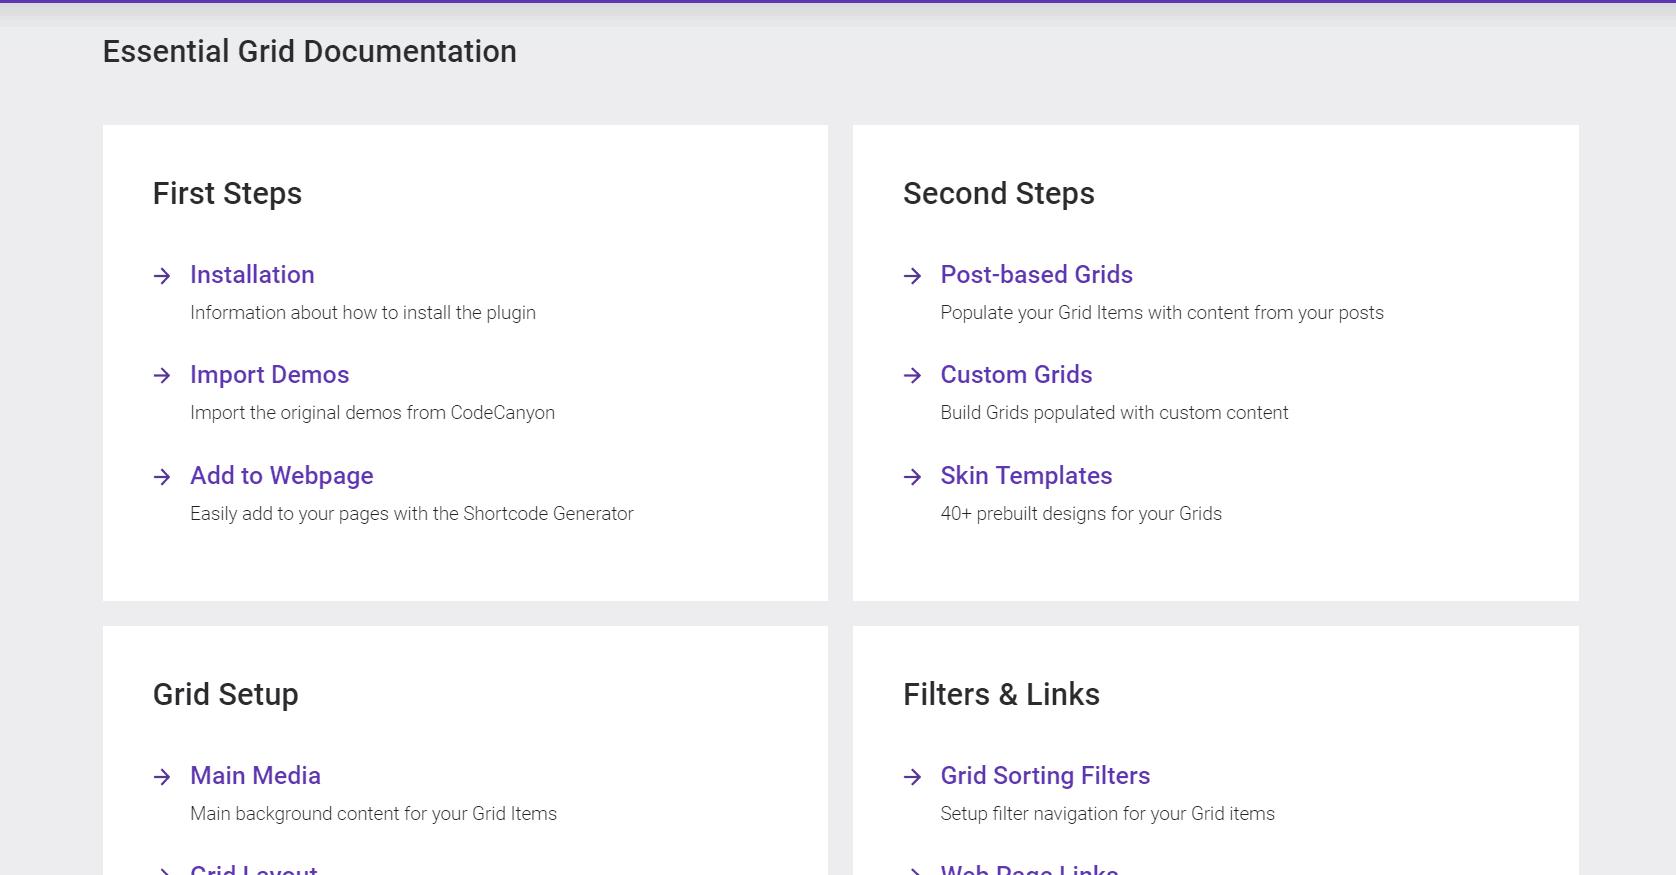 essential grid documentation